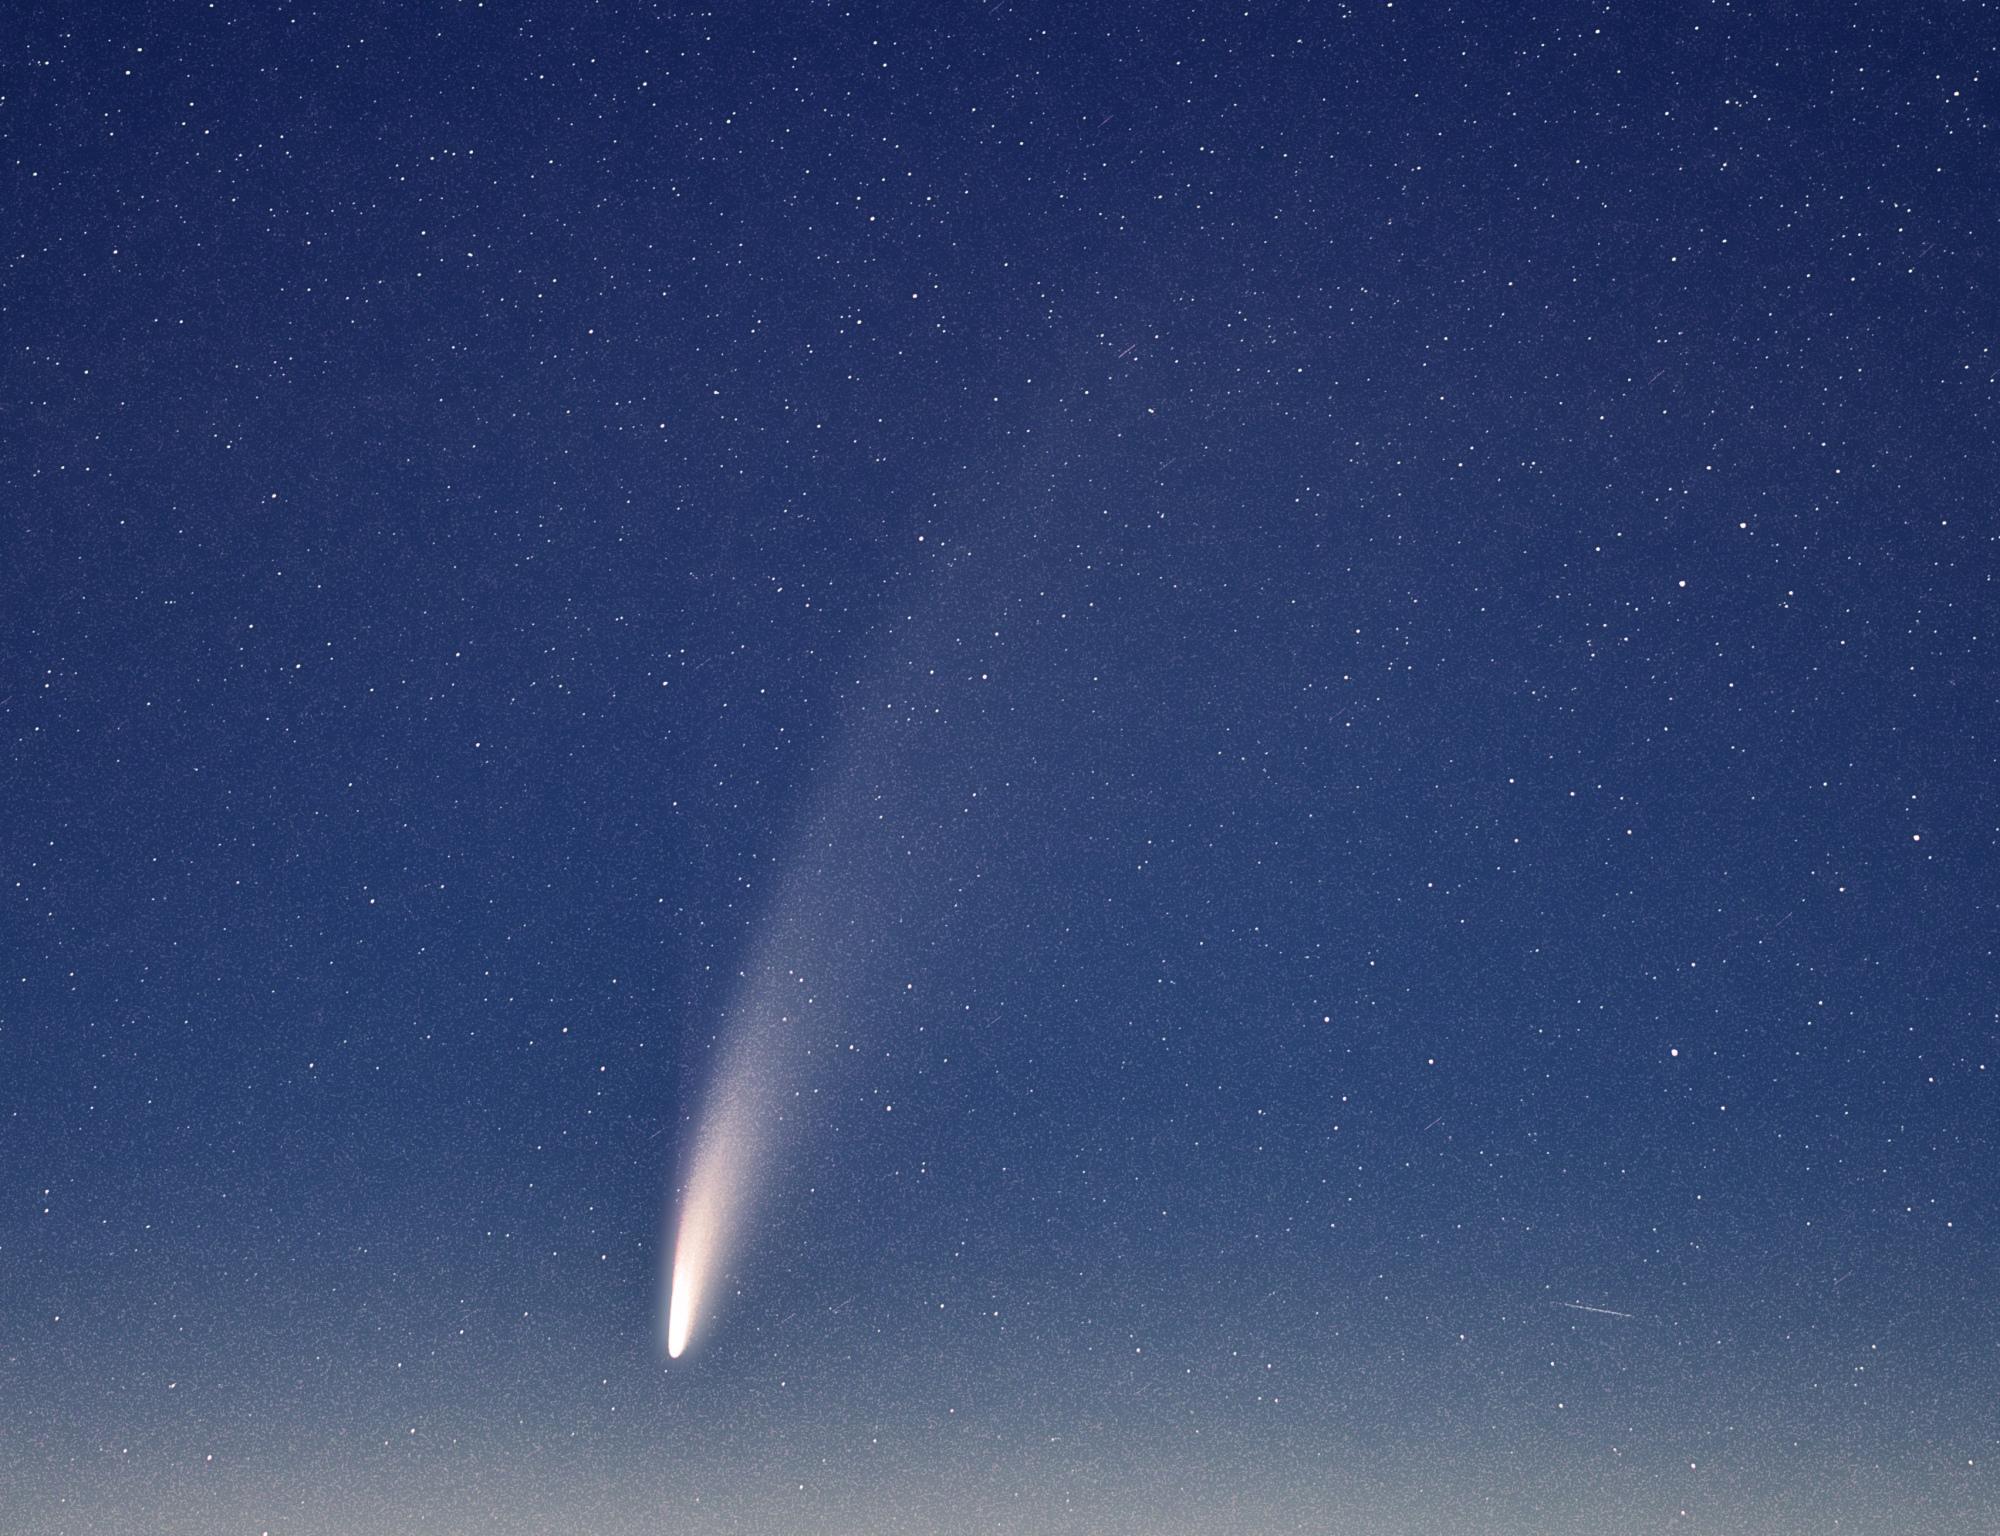 comet3_ps2.jpg